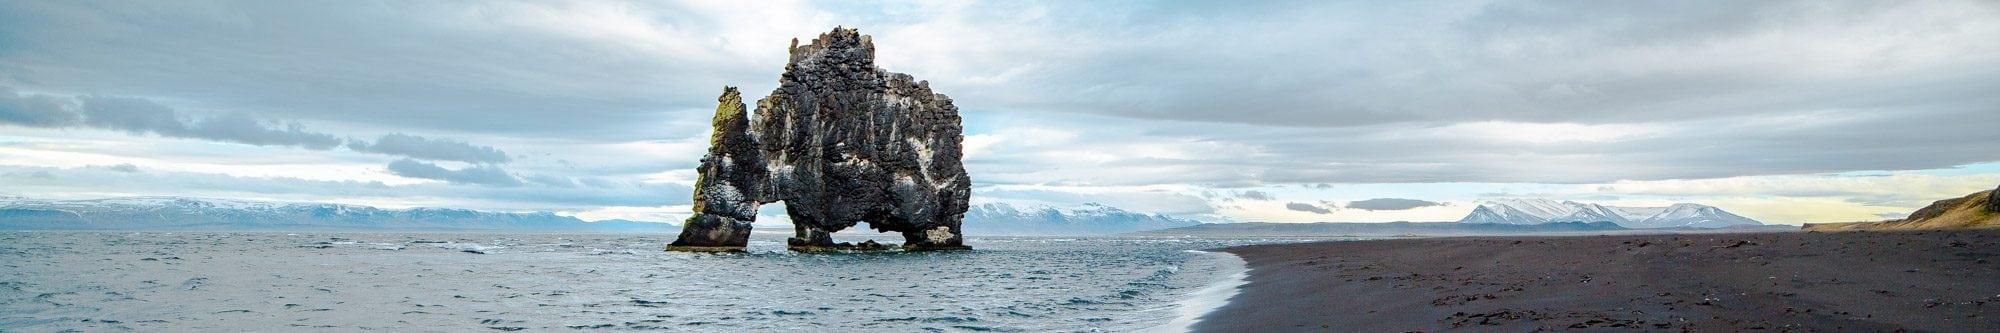 Rhino Rock Sea Stack